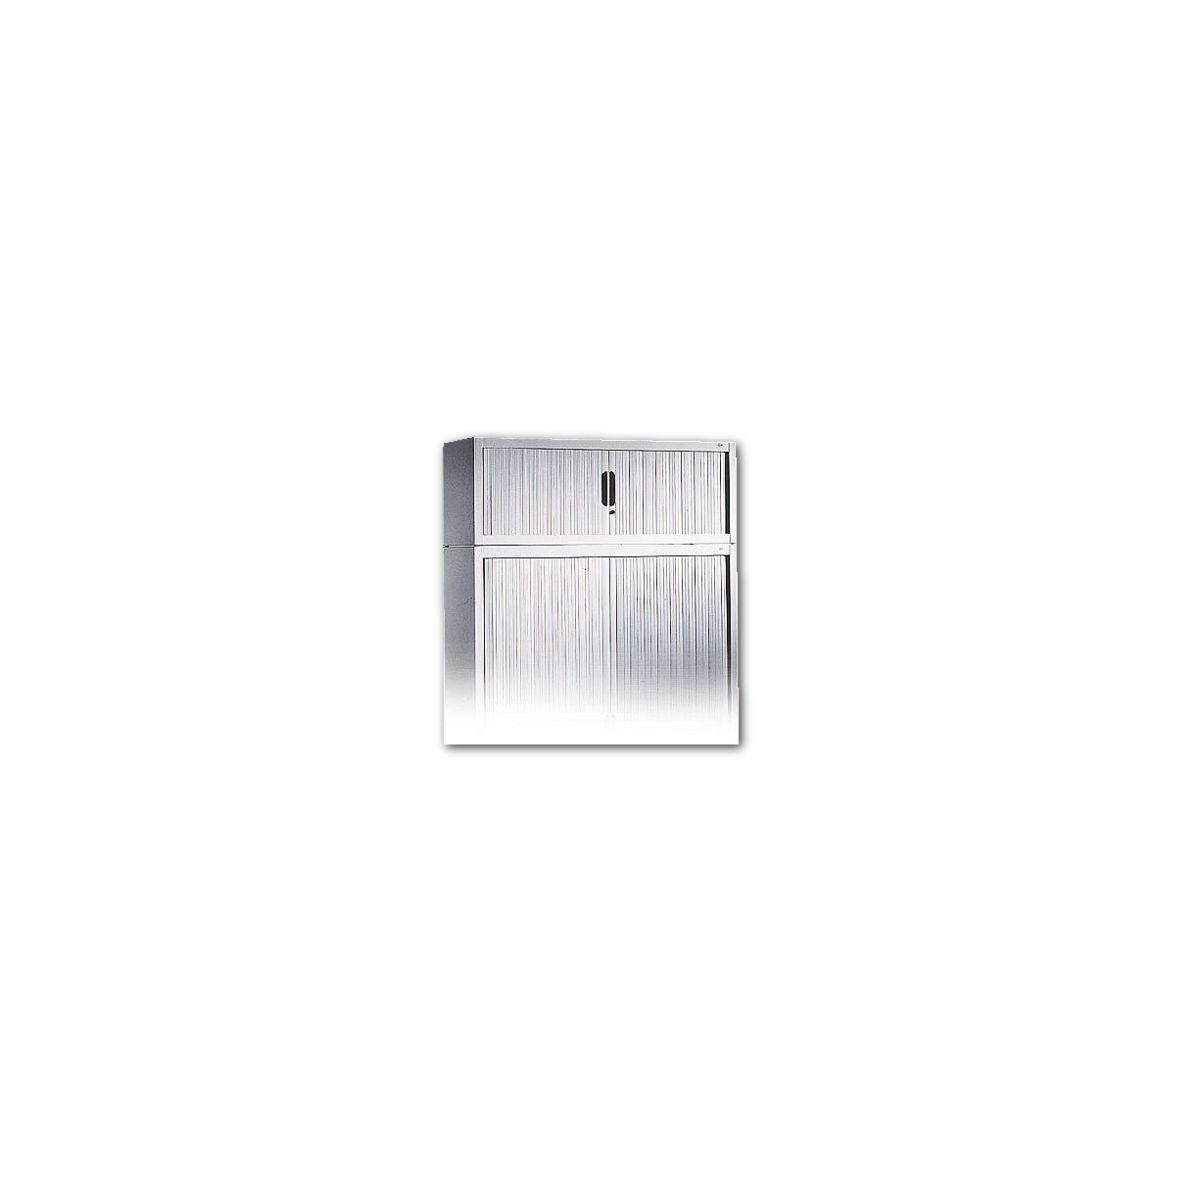 CP Aufsatzschrank mit Rollladen 80 x 45 cm »Omnispace«